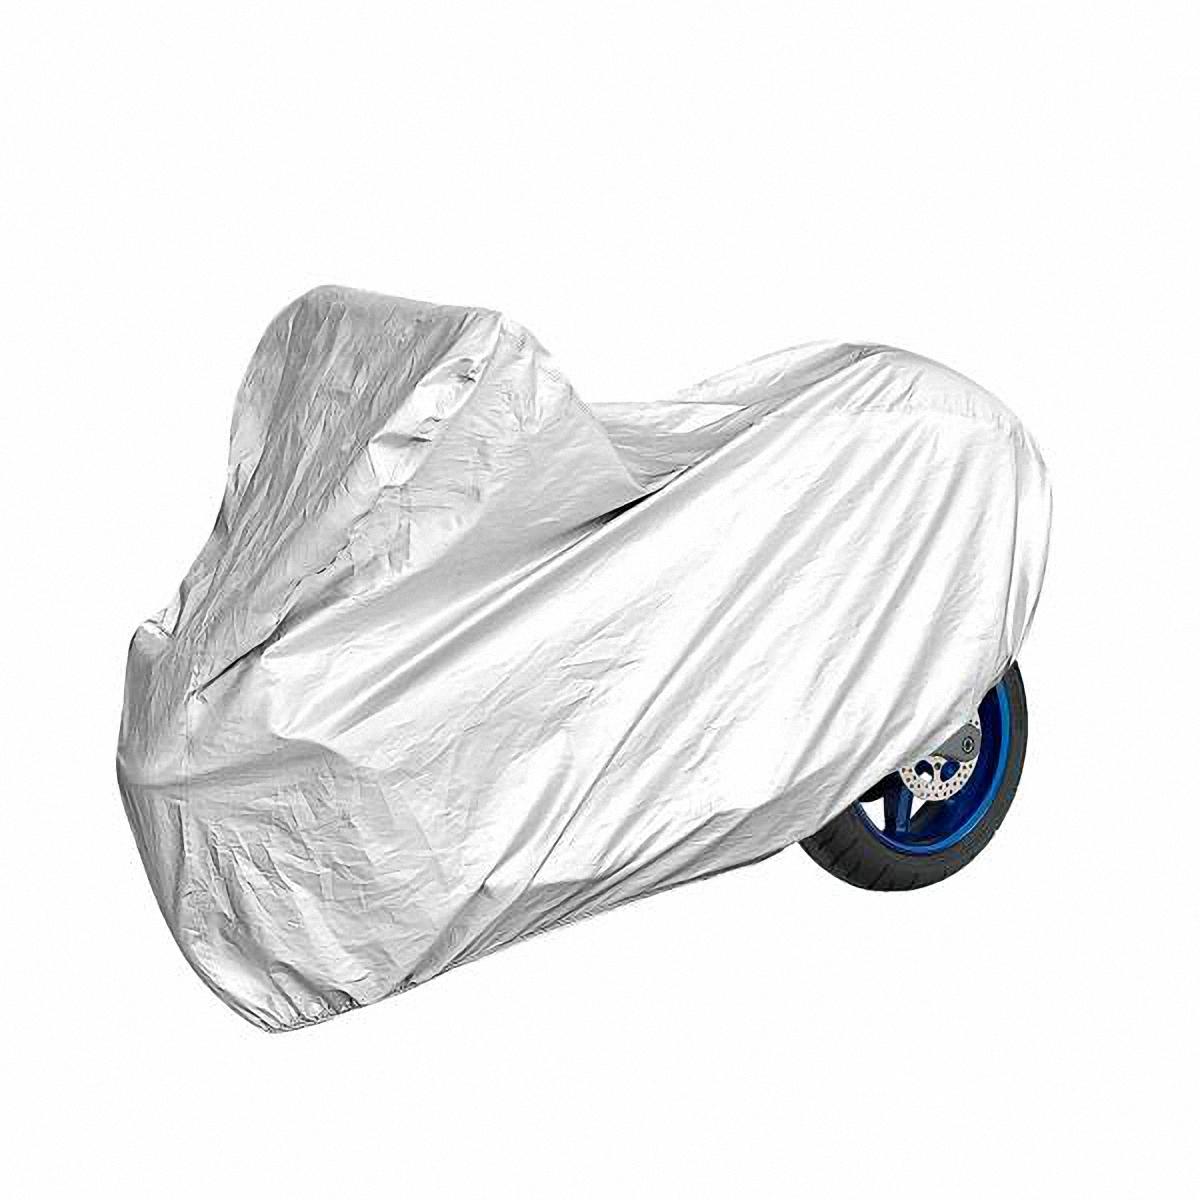 Чехол-тент на мотоцикл Skyway, 228 х 99 х 119 см. Размер LS04402002Чехол-тент на мотоцикл Skyway позволит защитить кузов вашего транспортного средства от коррозии и загрязнений во время хранения или транспортировки, а вас избавит от необходимости его частого мытья. Чехол-тент предохраняет лакокрасочное покрытие кузова, стекла и фары вашего мотоцикла от воздействия прямых солнечных лучей и неблагоприятных погодных условий, загрязнений. Легко и быстро надевается на мотоцикл, не царапая и не повреждая его.Изготовлен из высококачественного полиэстера. В передней и задней части тента вшиты резинки, стягивающие его нижний край под передним и задним бамперами. Обладает высокой влаго- и износостойкостью. Обладает светоотражающими и пылезащитными свойствами. Выдерживает как низкие, так и высокие температуры. Воздухопроницаемый материал. Состав: полиэстер. Размер: 228 х 99 х 119 см.